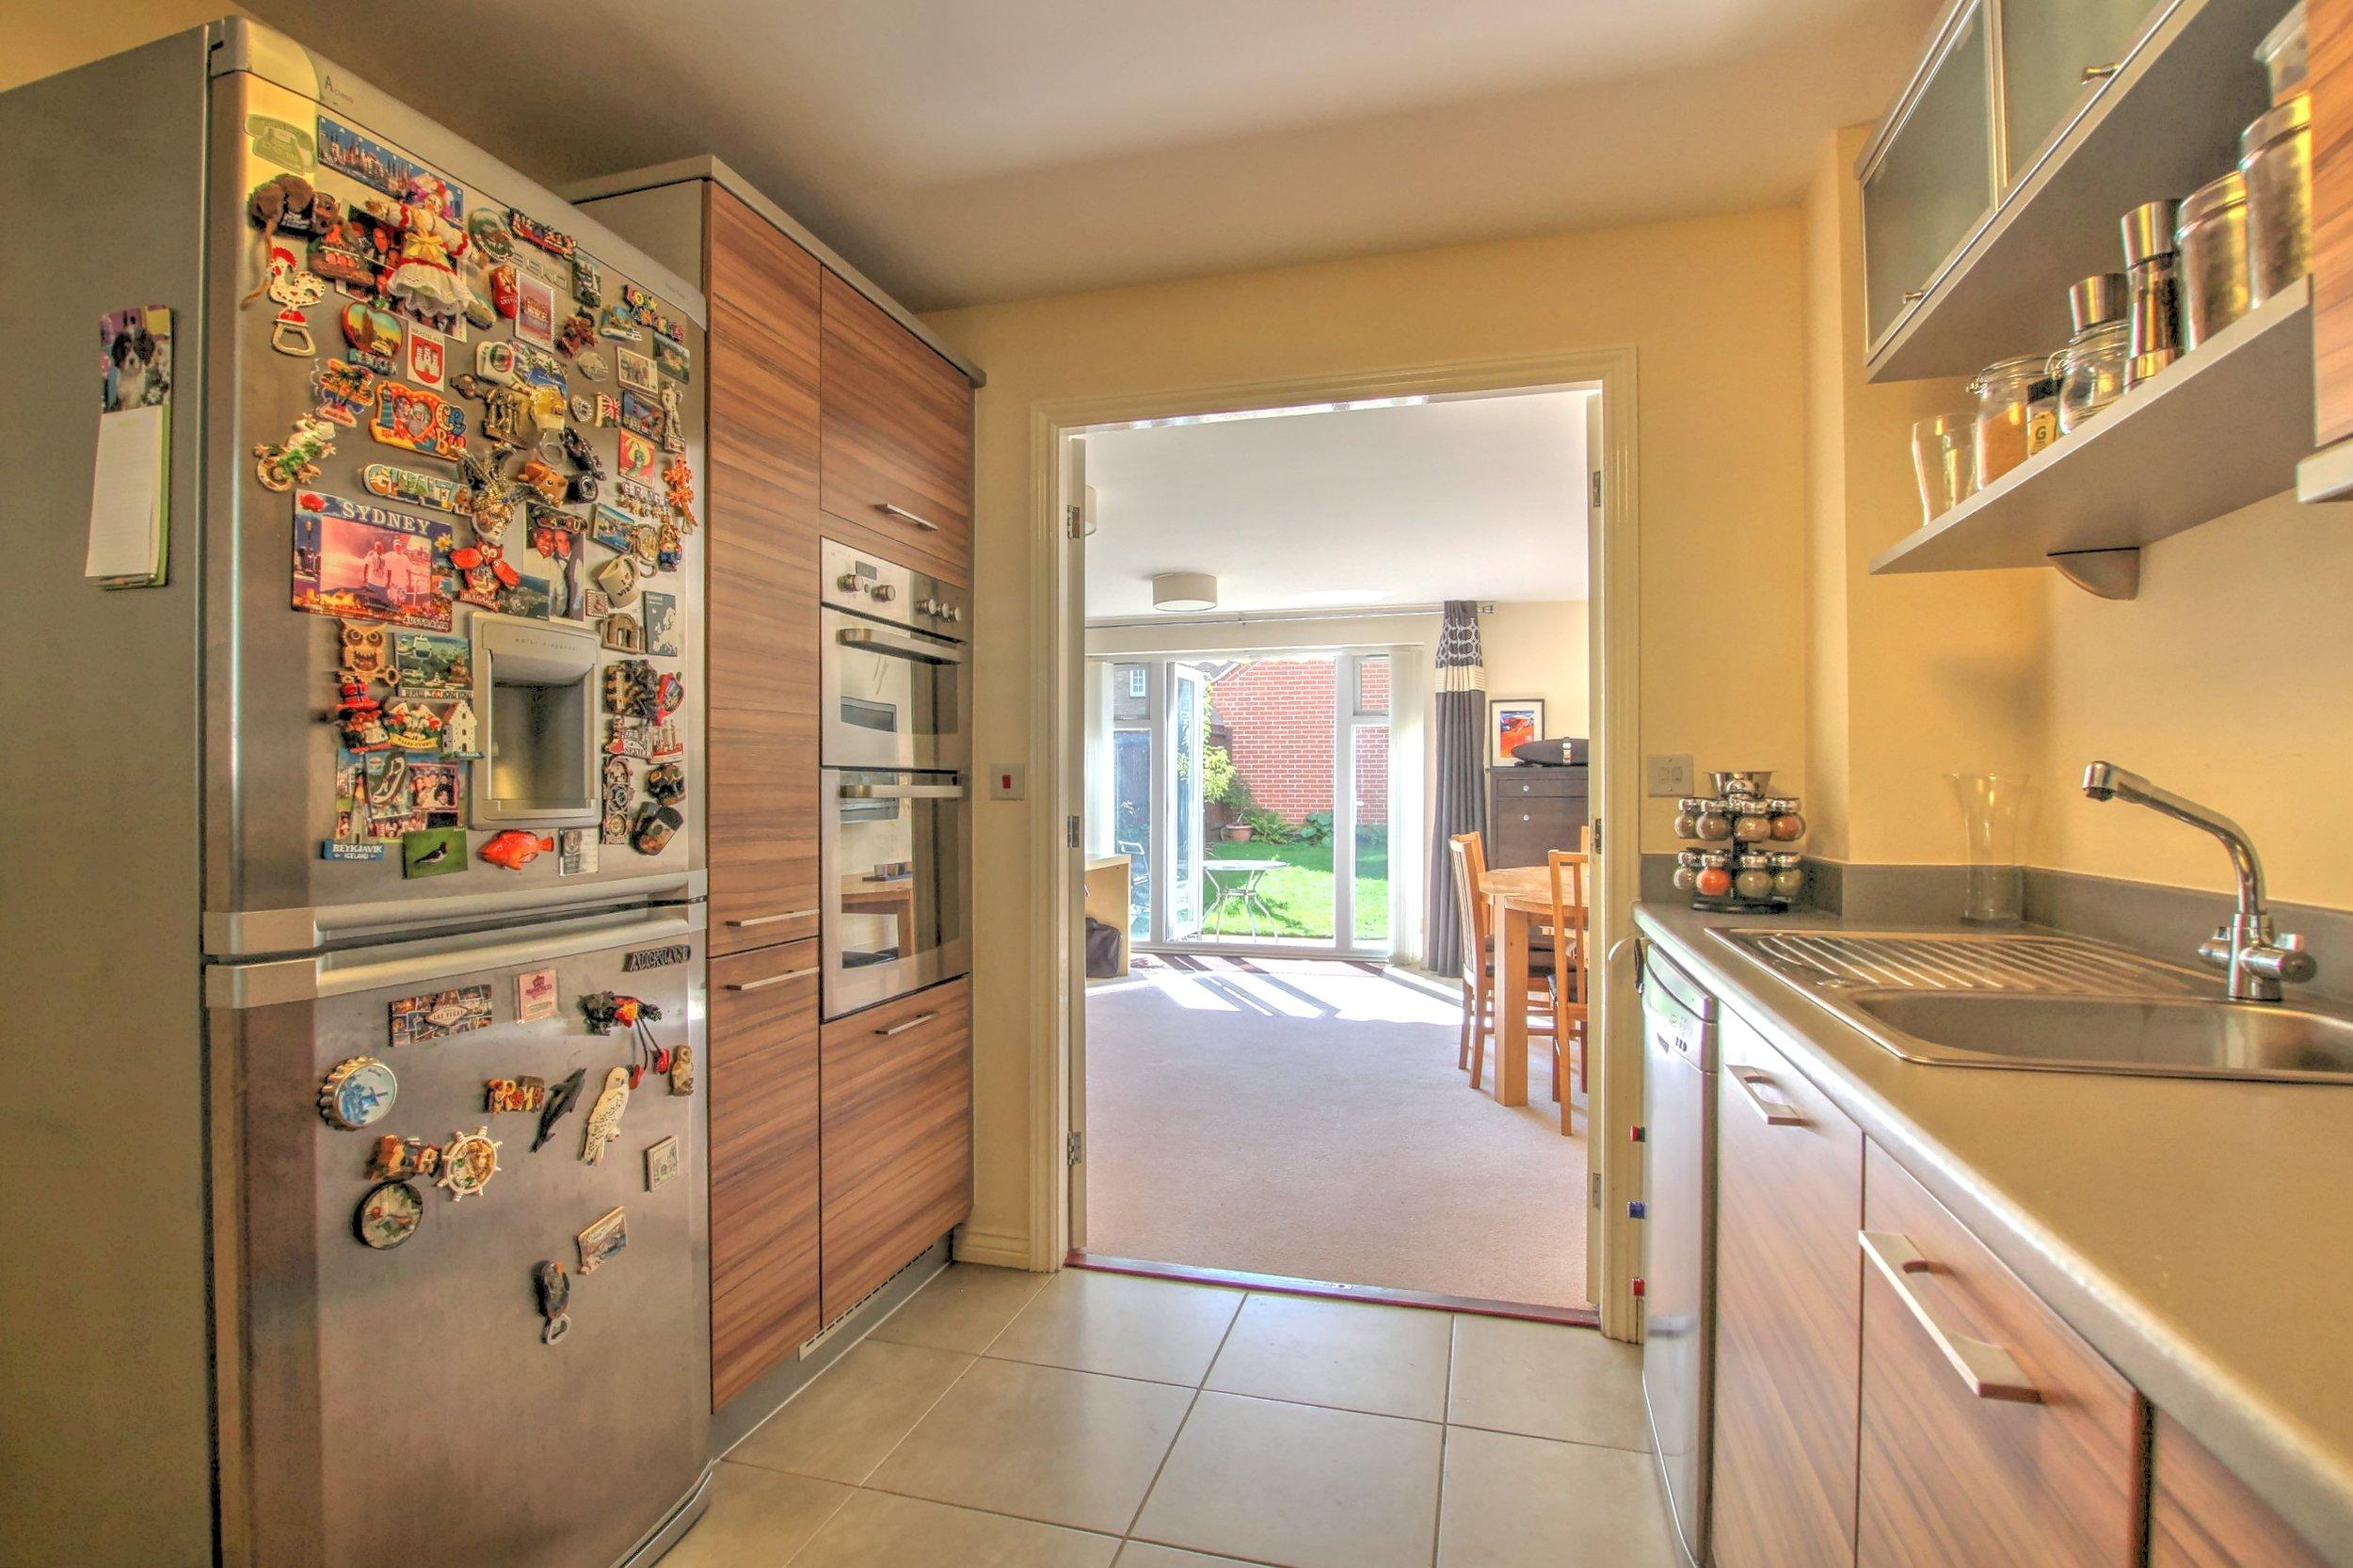 14 kitchen family room.jpg